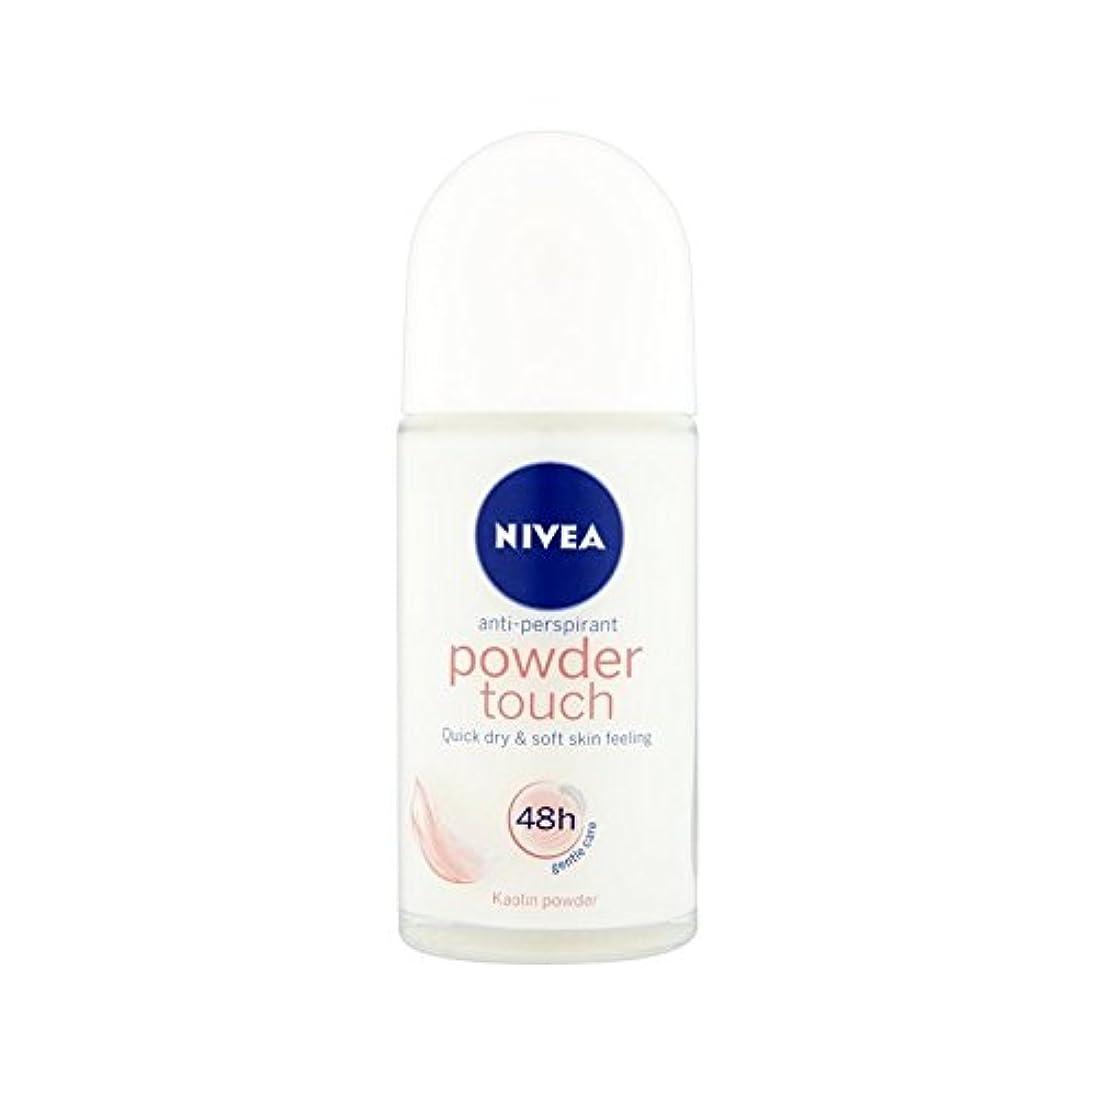 テメリティ麻痺させる不調和Nivea Powder Touch Anti-perspirant Deodorant Roll On for Women 50ml - ニベア応力プロテクト制汗剤デオドラントロールオン女性のための50ml